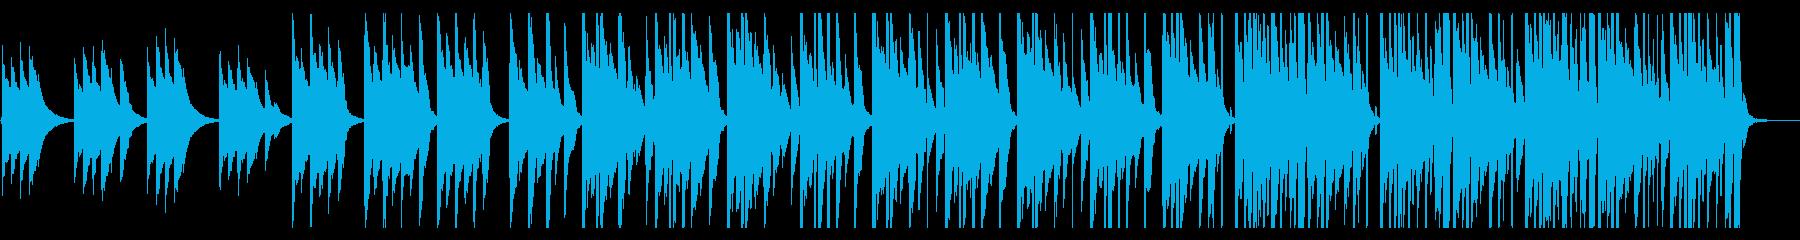 民族的/探検_No429_2の再生済みの波形